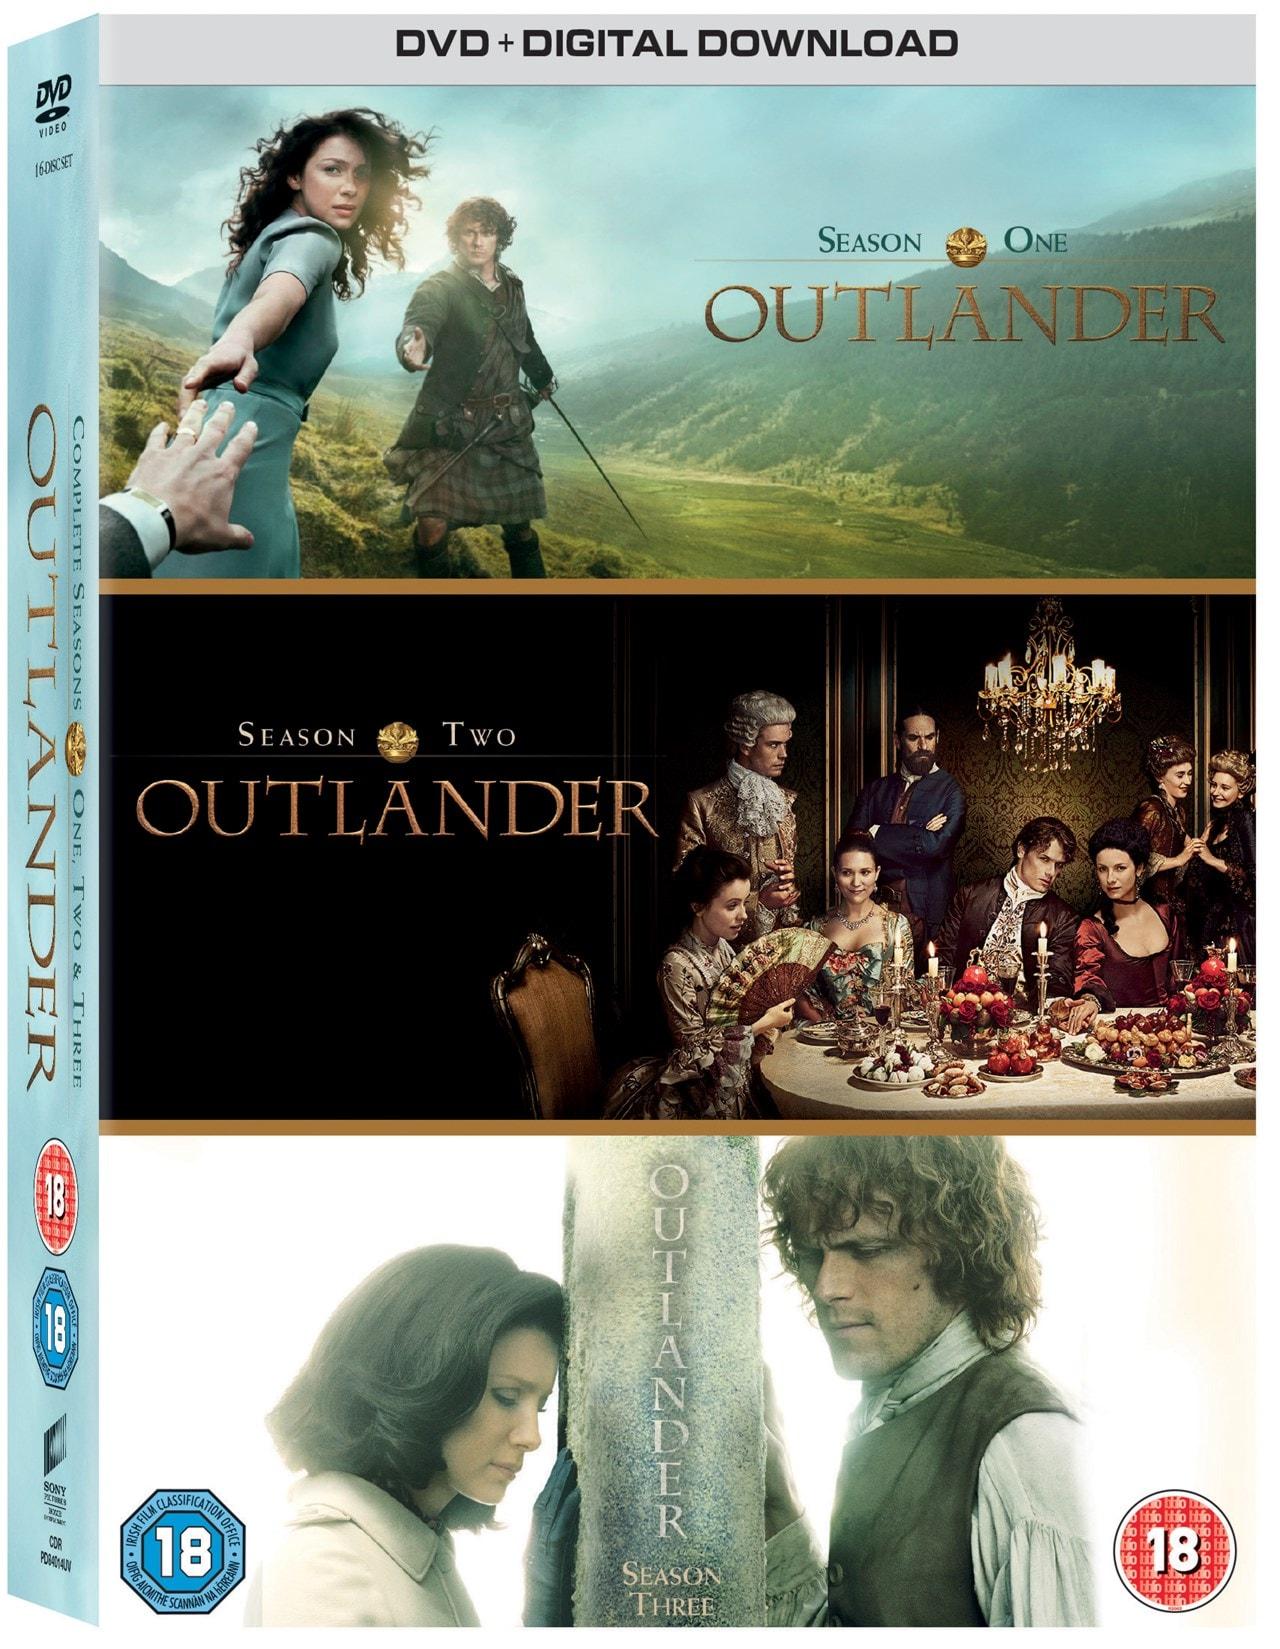 Outlander: Seasons 1-3 - 2